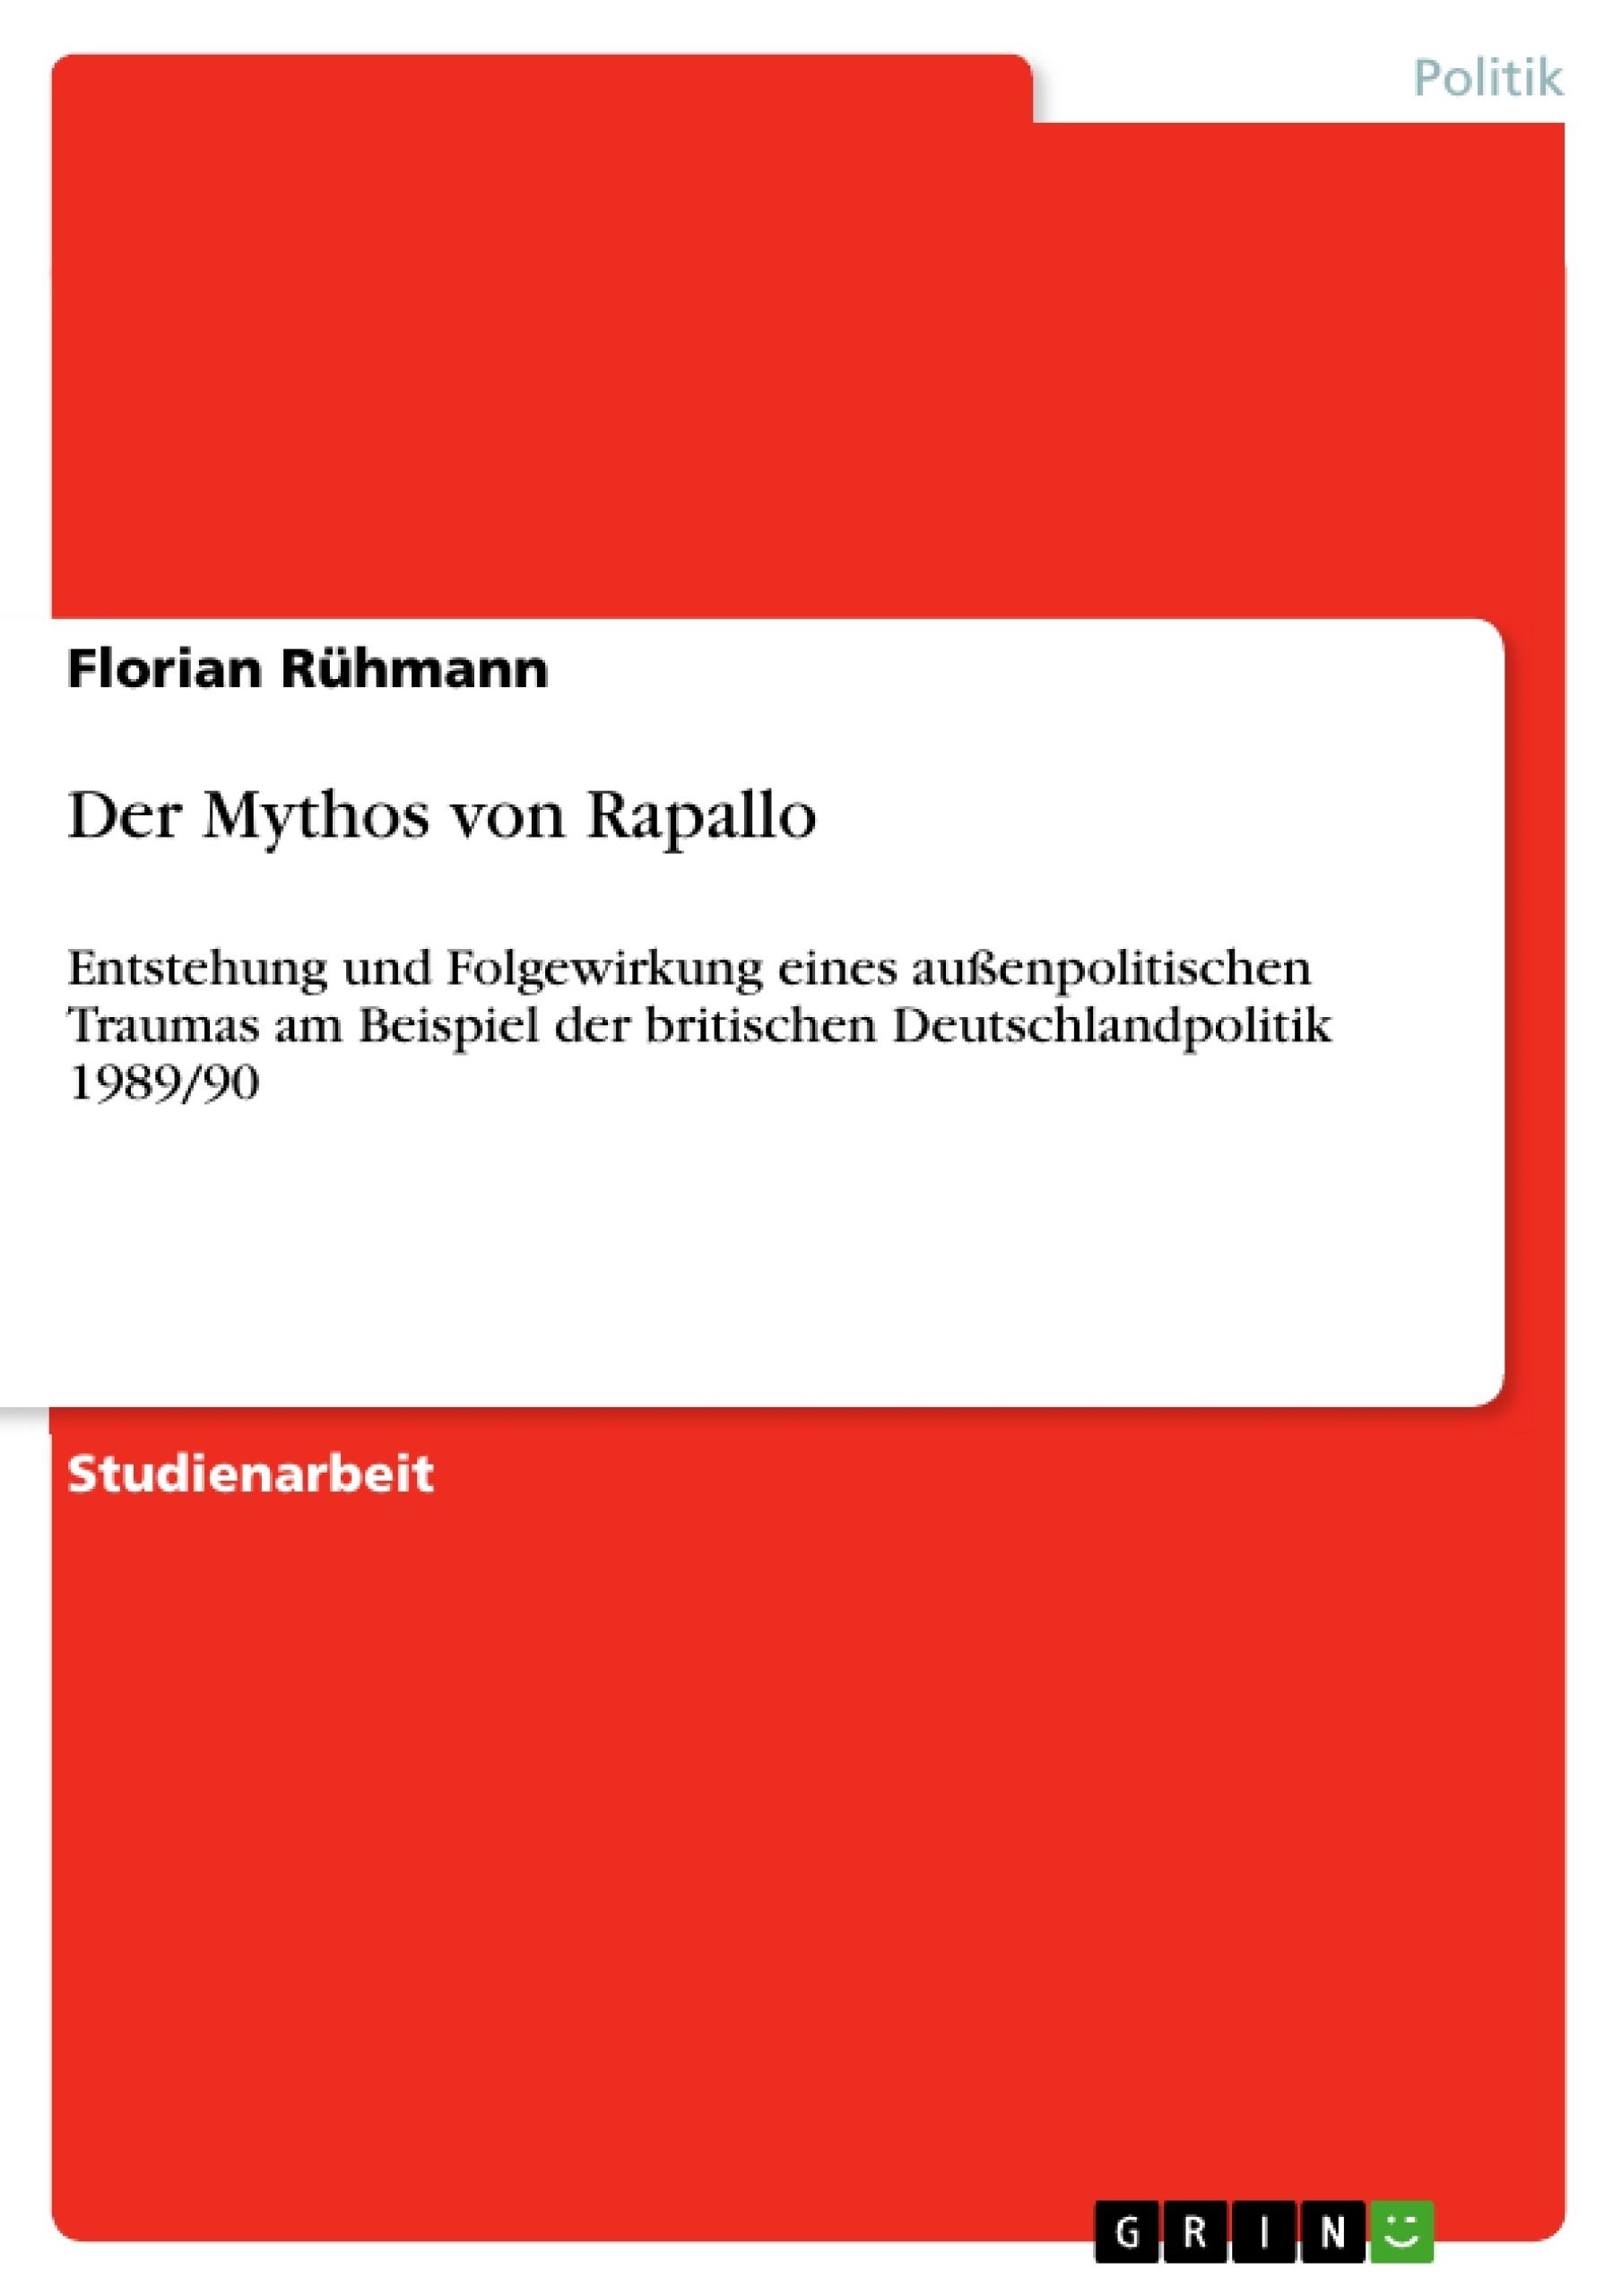 Titel: Der Mythos von Rapallo